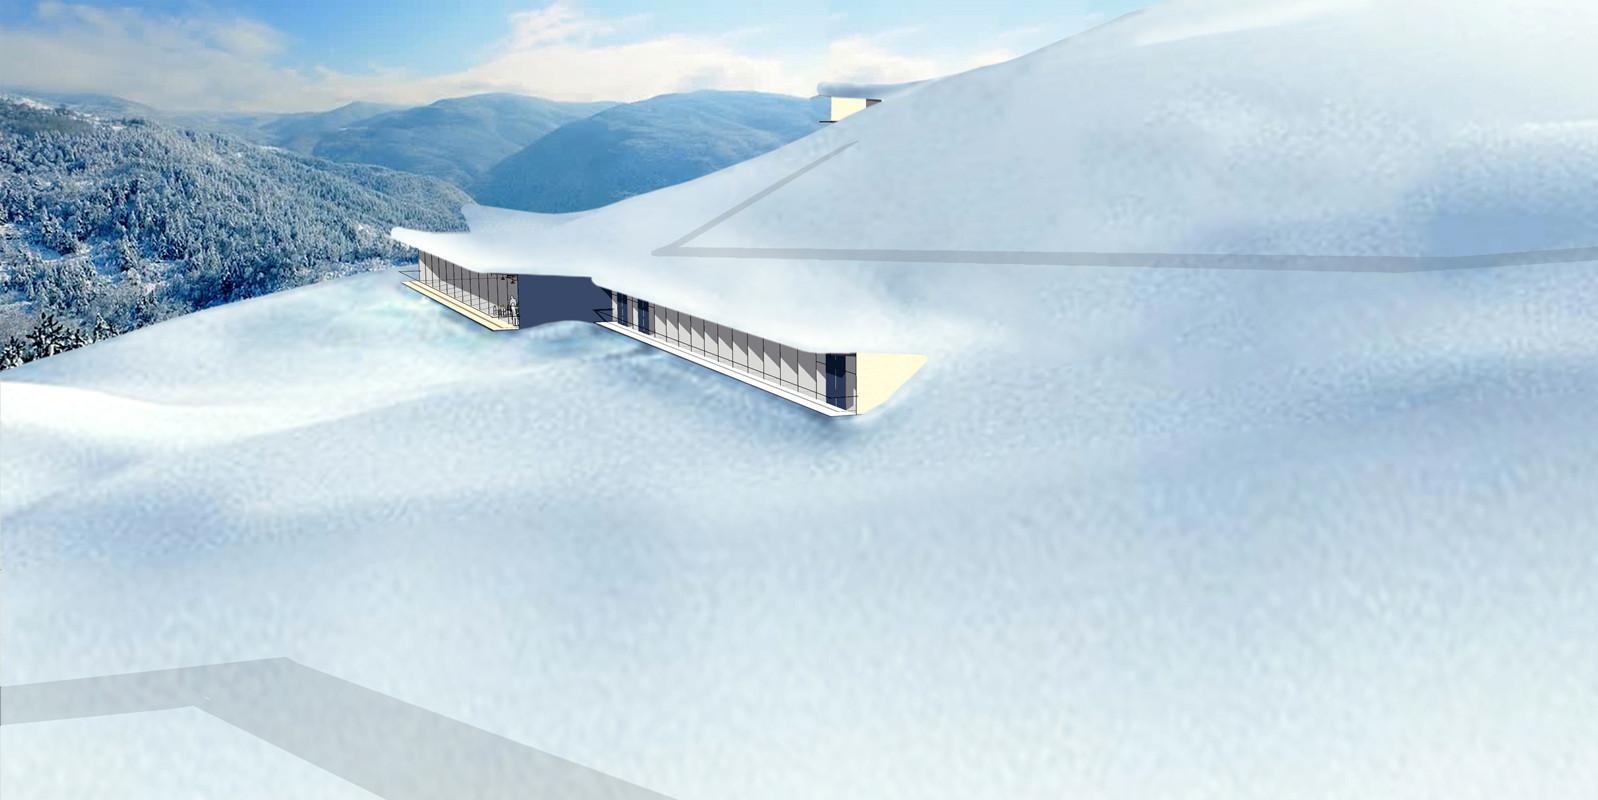 Remote Ski Lodge Concept